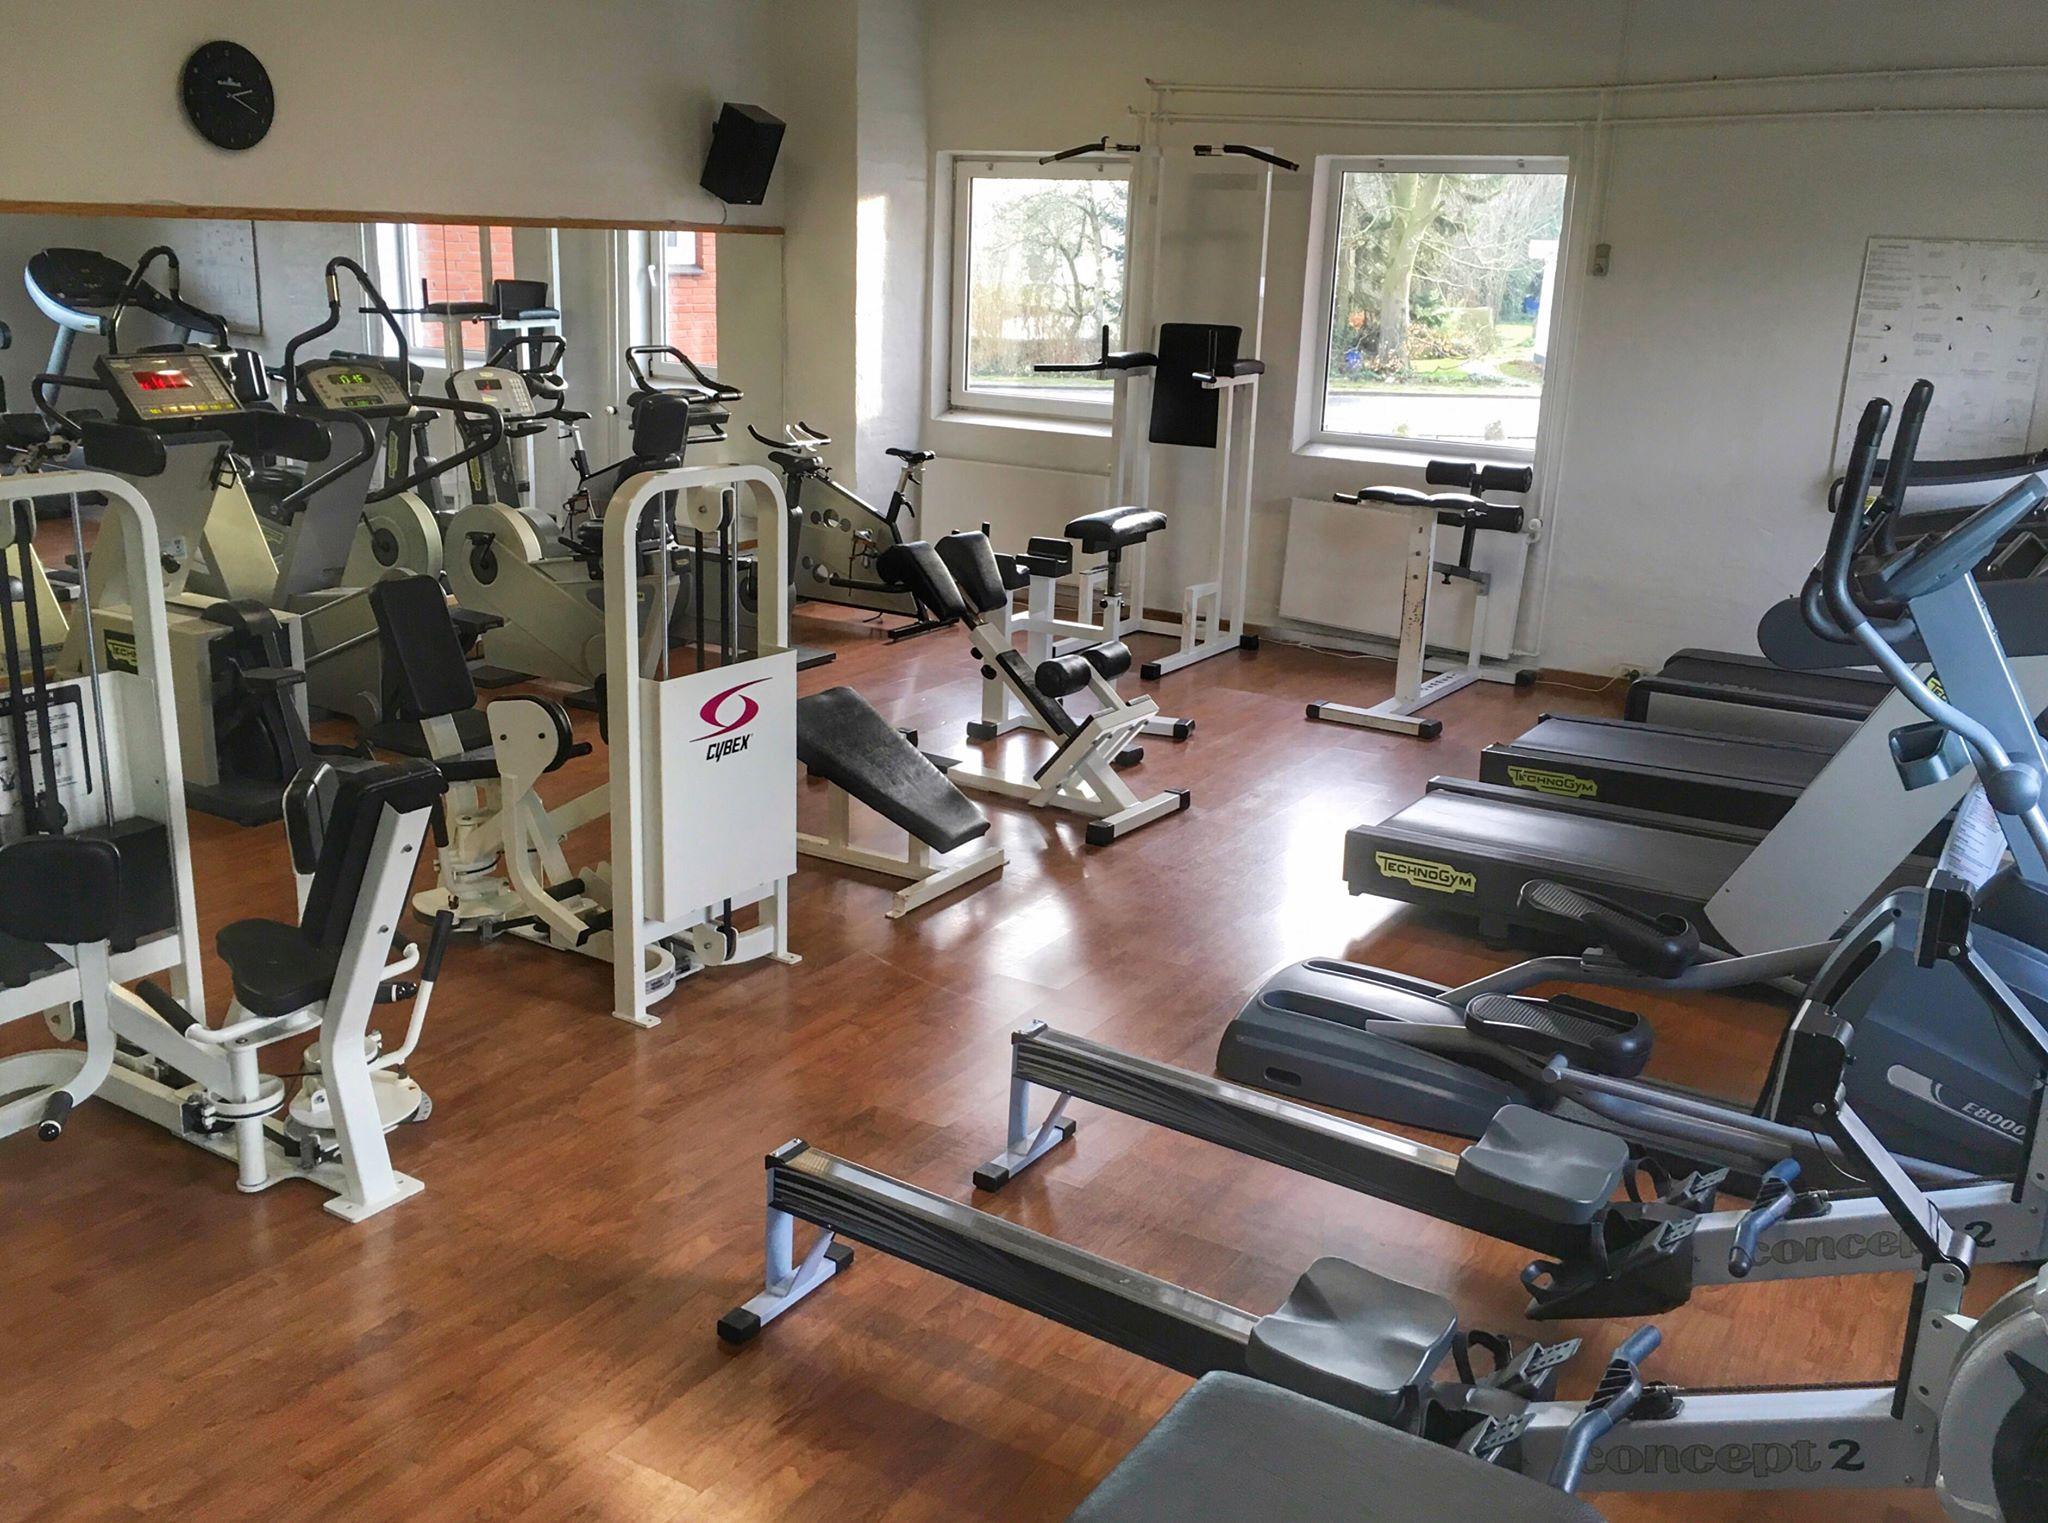 Træningscenter i Ringe - Løbe og romaskine